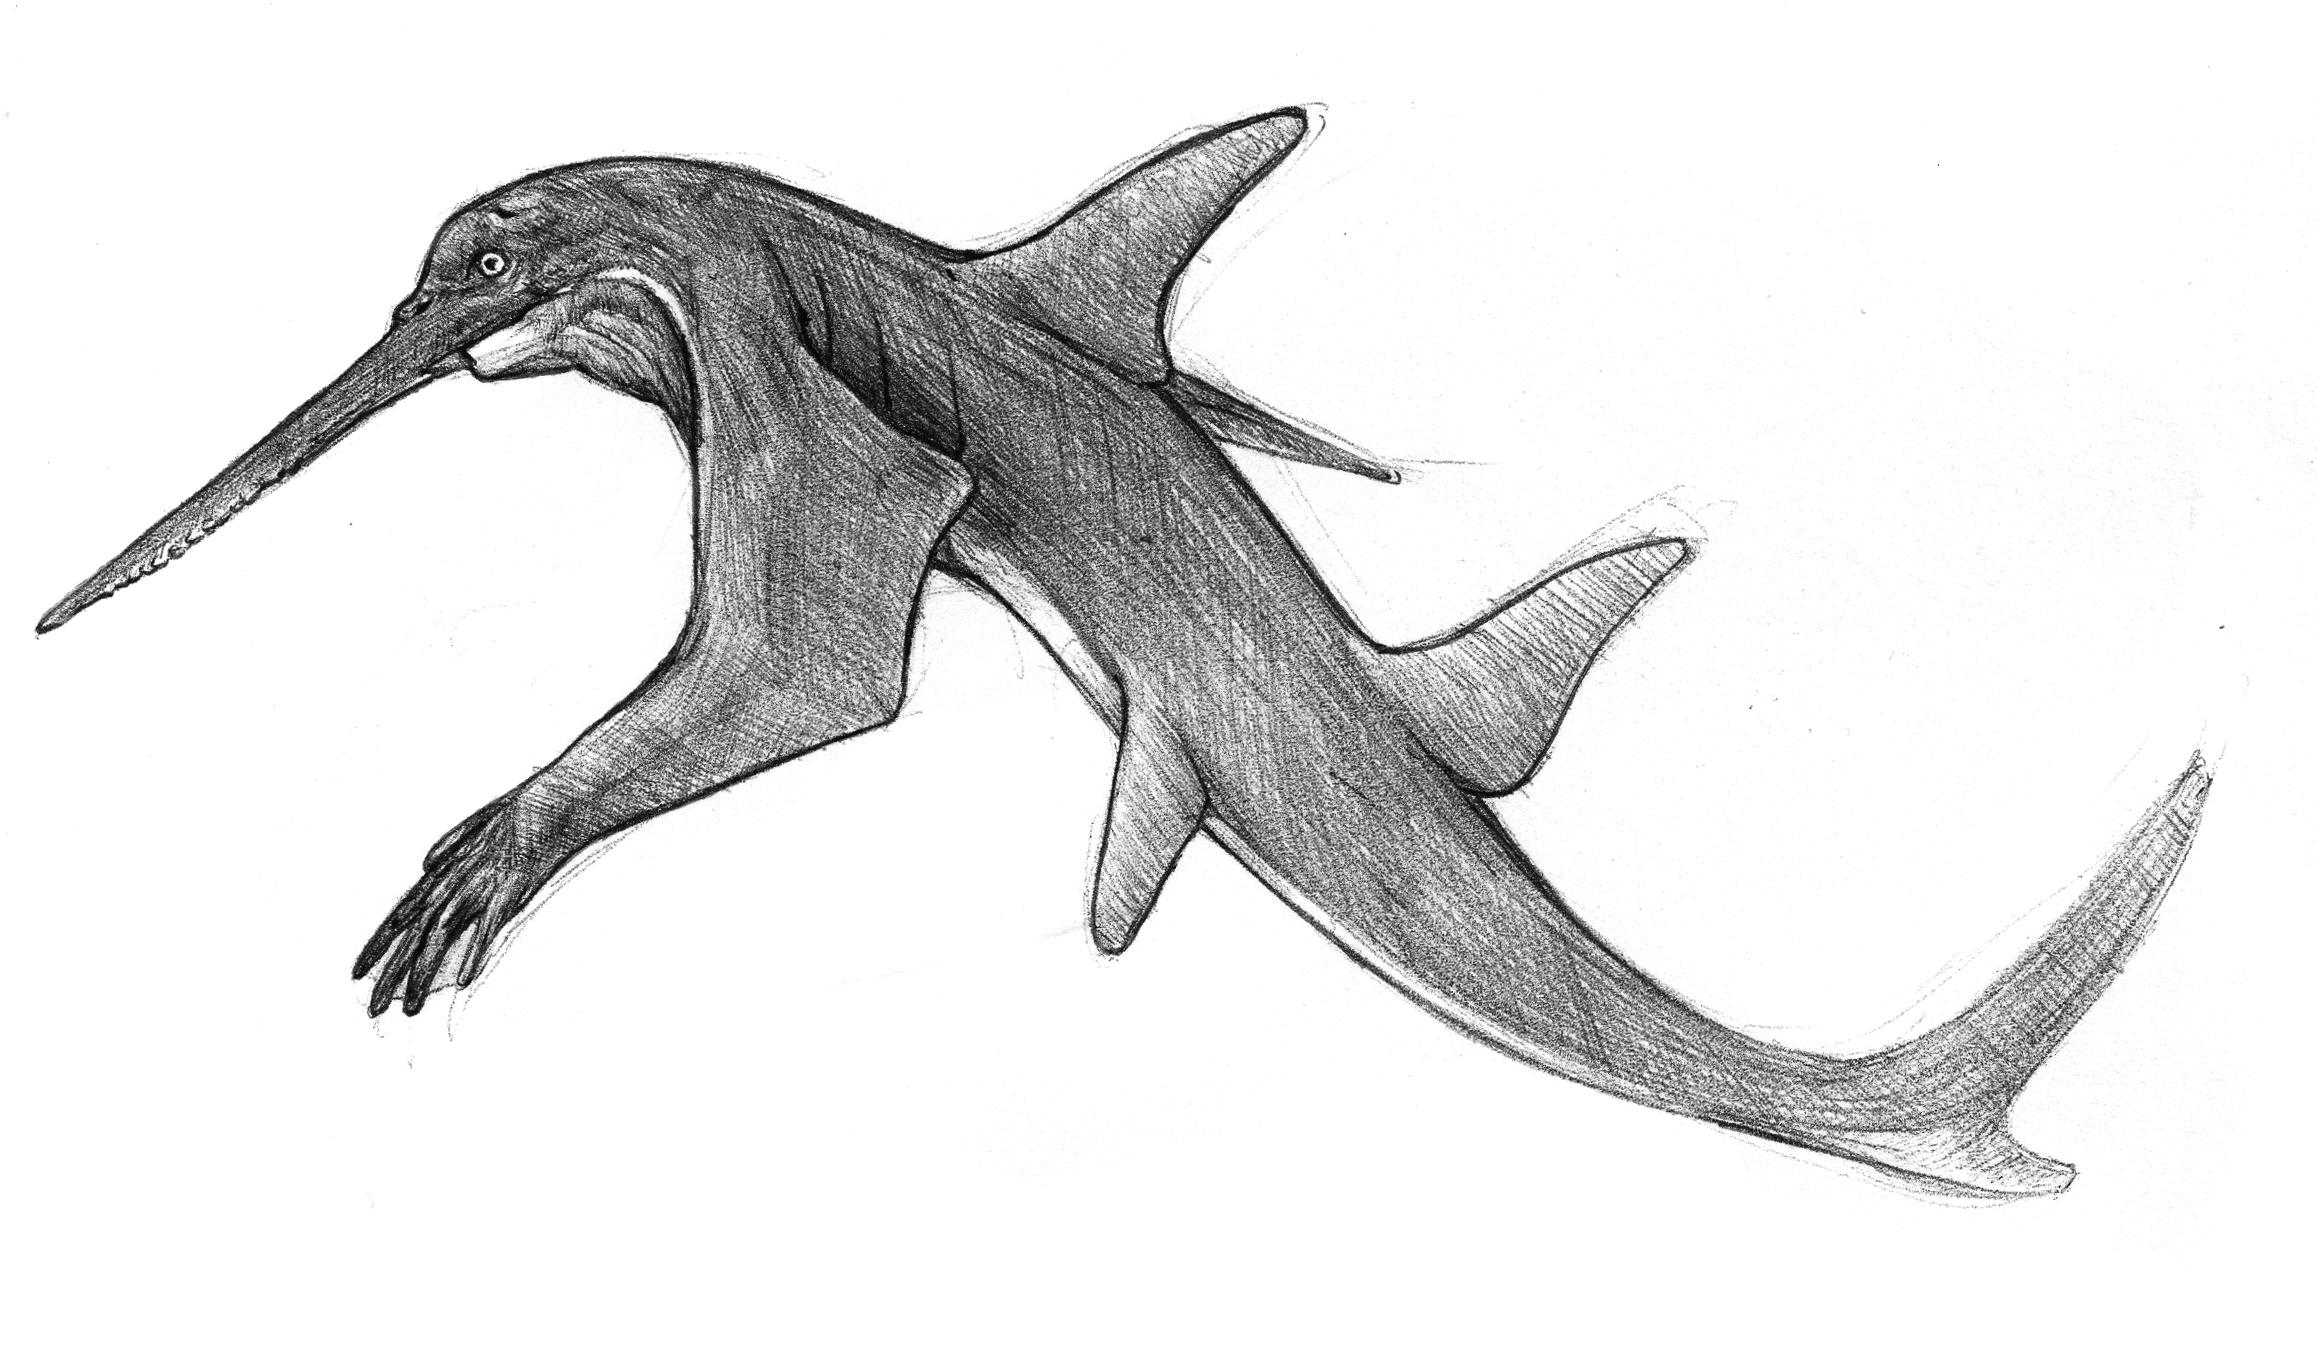 Carpenter Shark